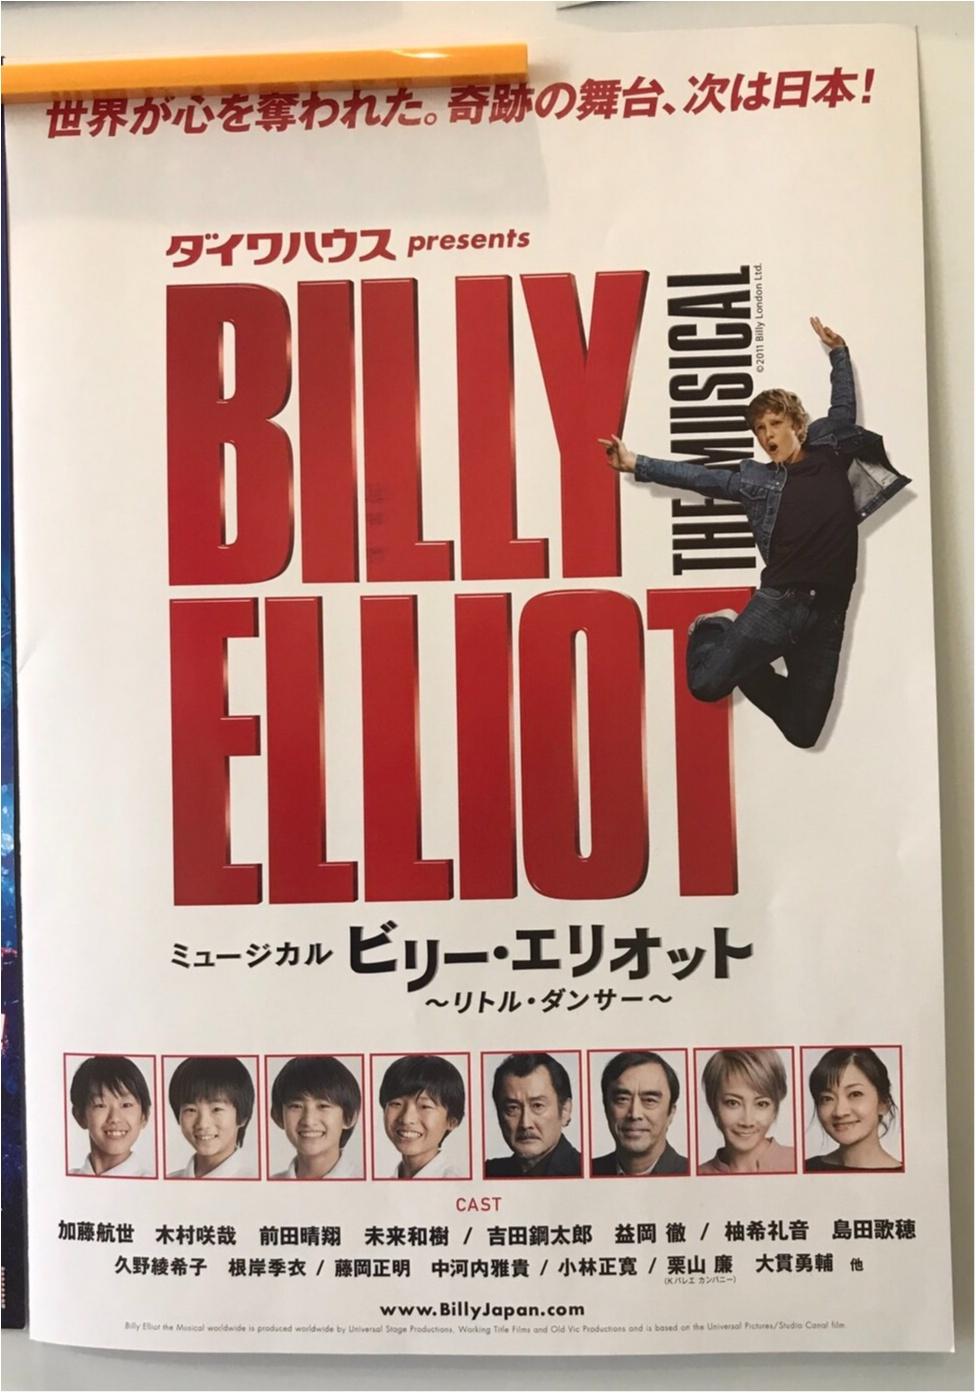 待望のあのミュージカルがついに上演!!日本版【*BILLY ELLIOT*】が注目を集める理由とは。_5